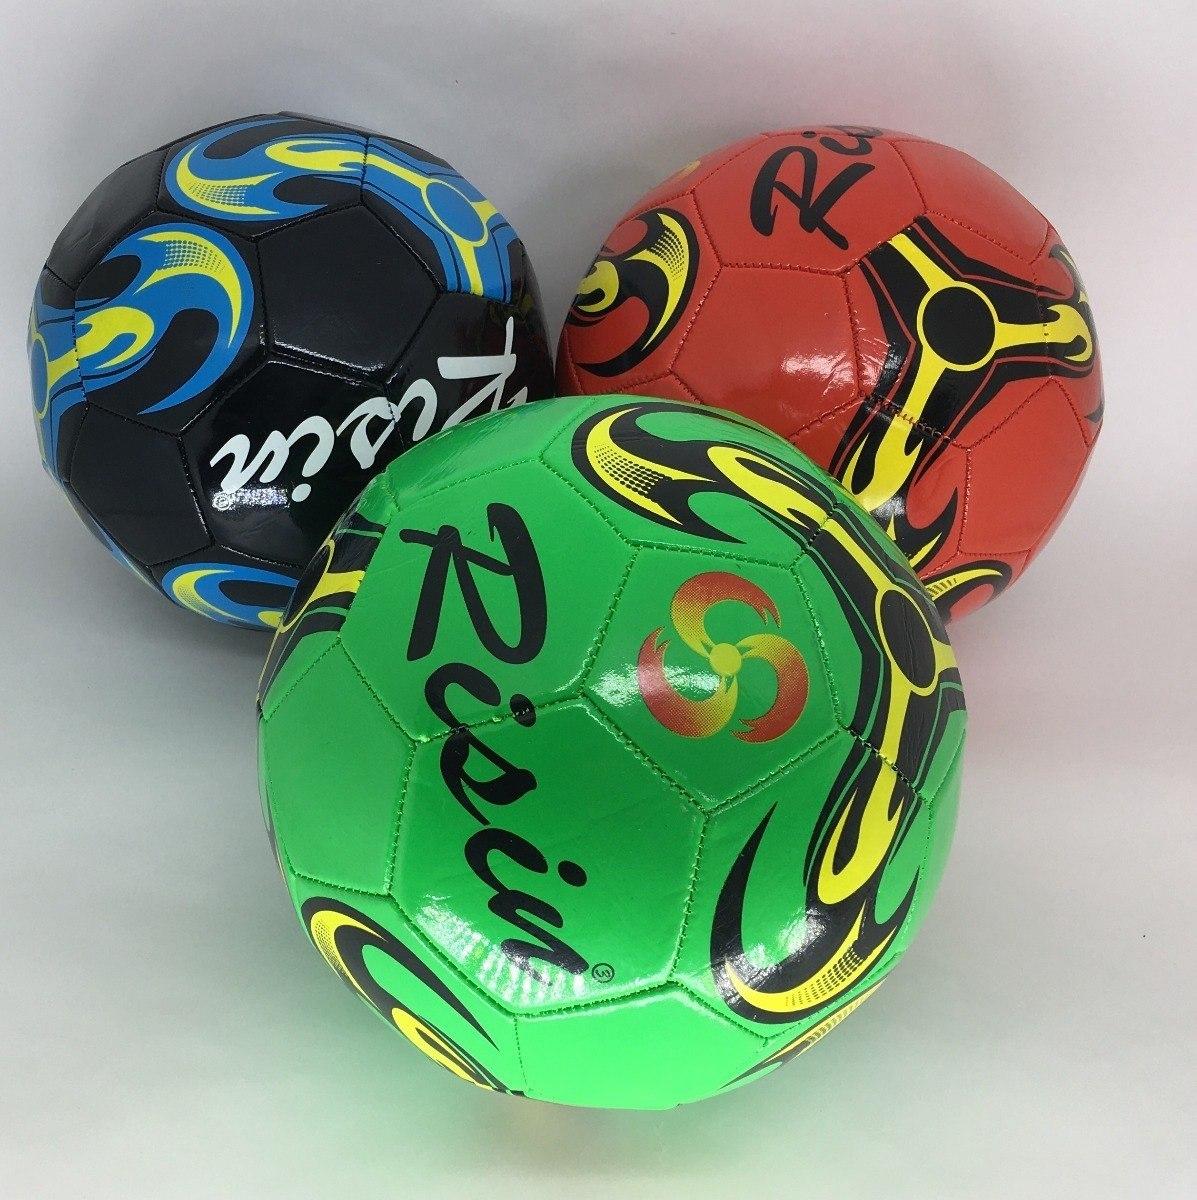 kit com 5 bolas de futebol para revenda - preço de atacado. Carregando zoom. ab25c101d6d6b